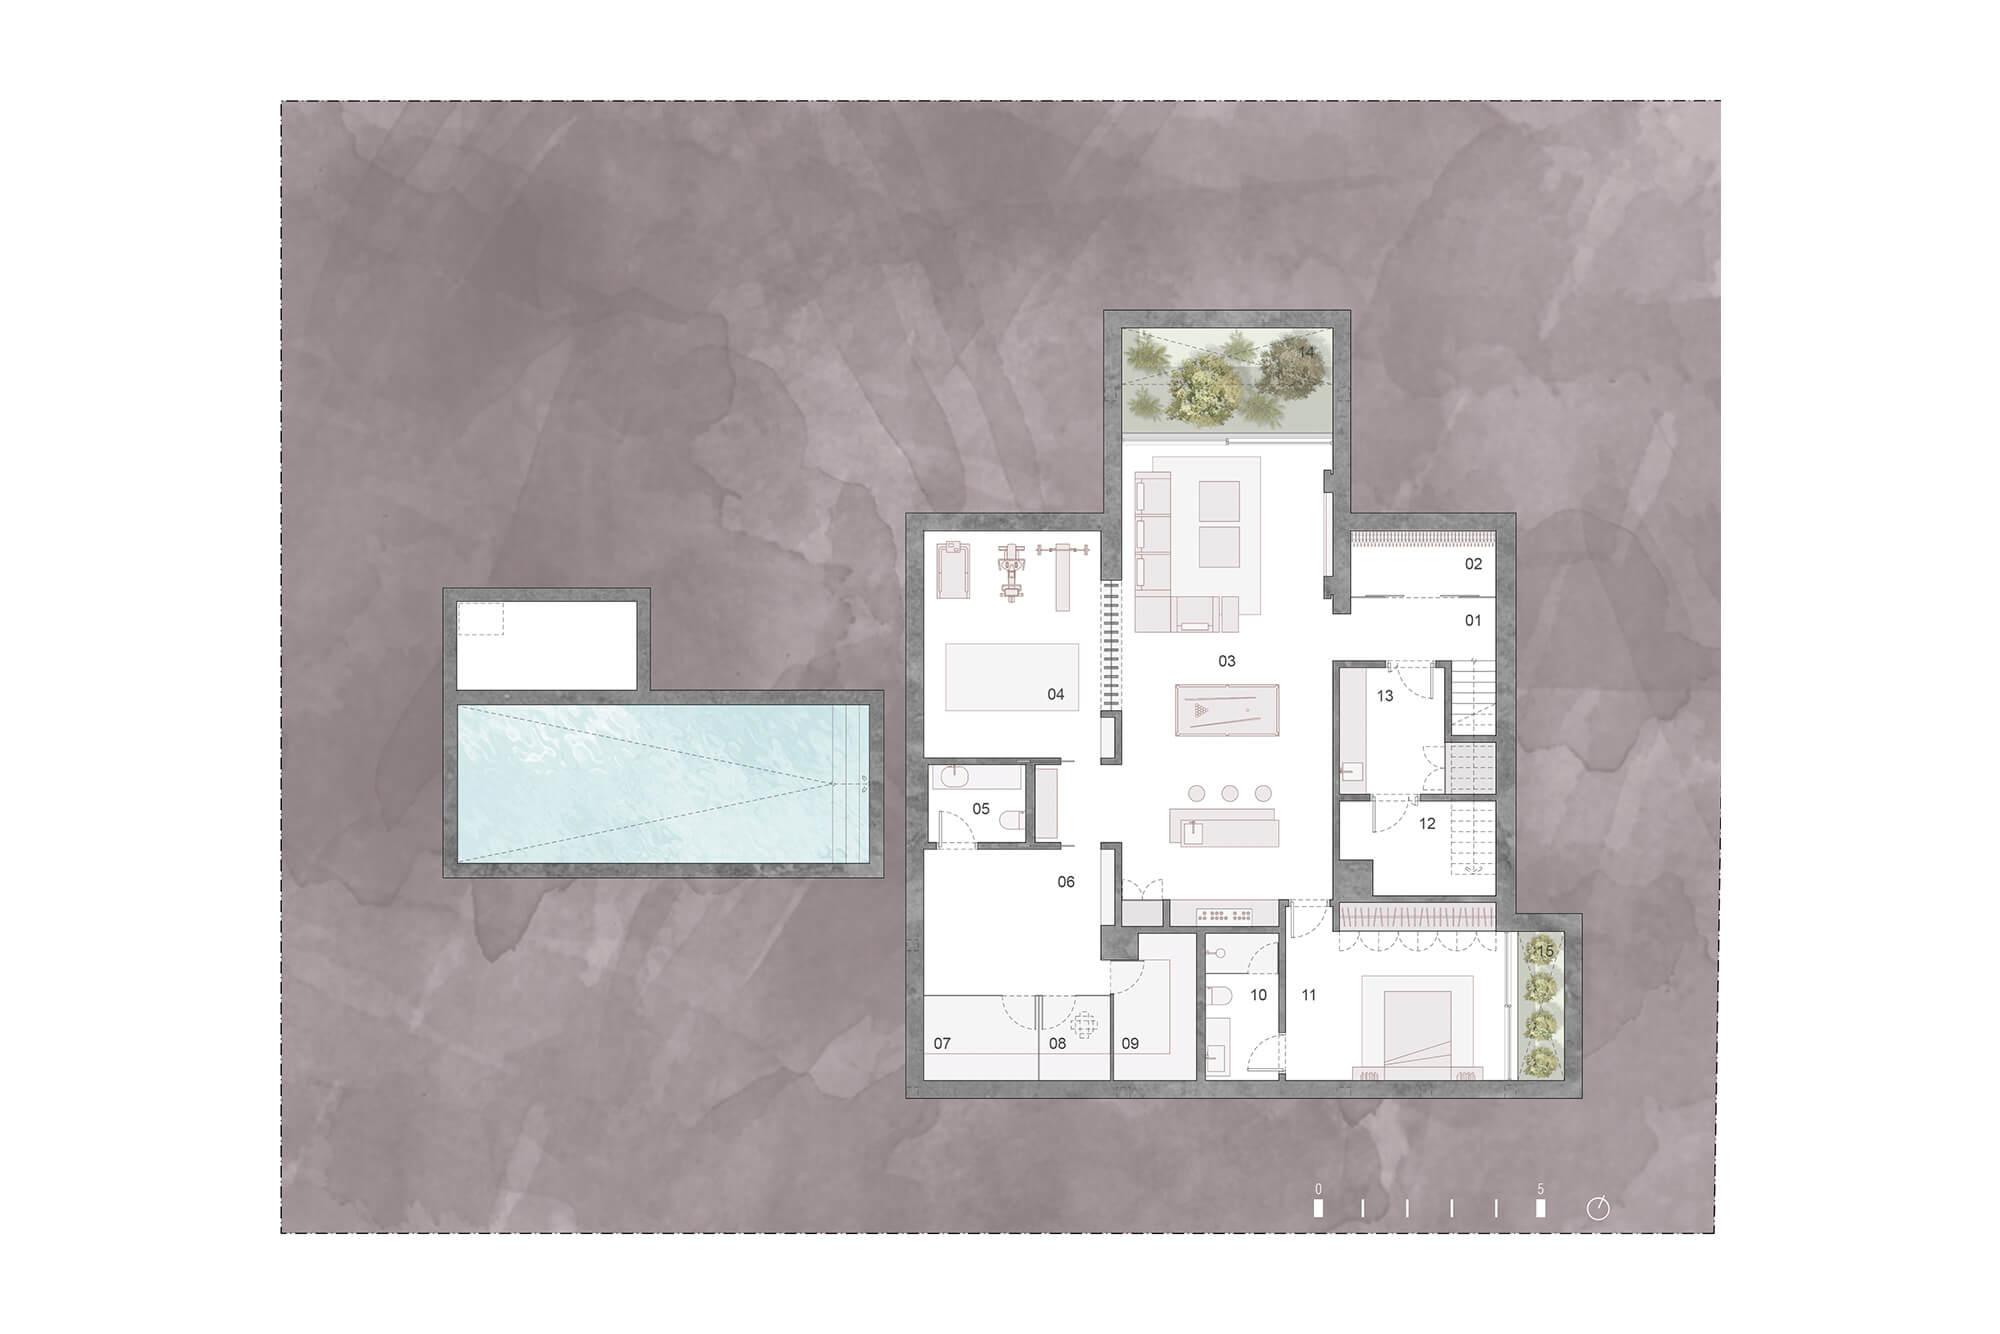 cortijo blanco beach villa vamoz te koop marbella costa del sol spanje nieuwbouw grondplan 4 kelder